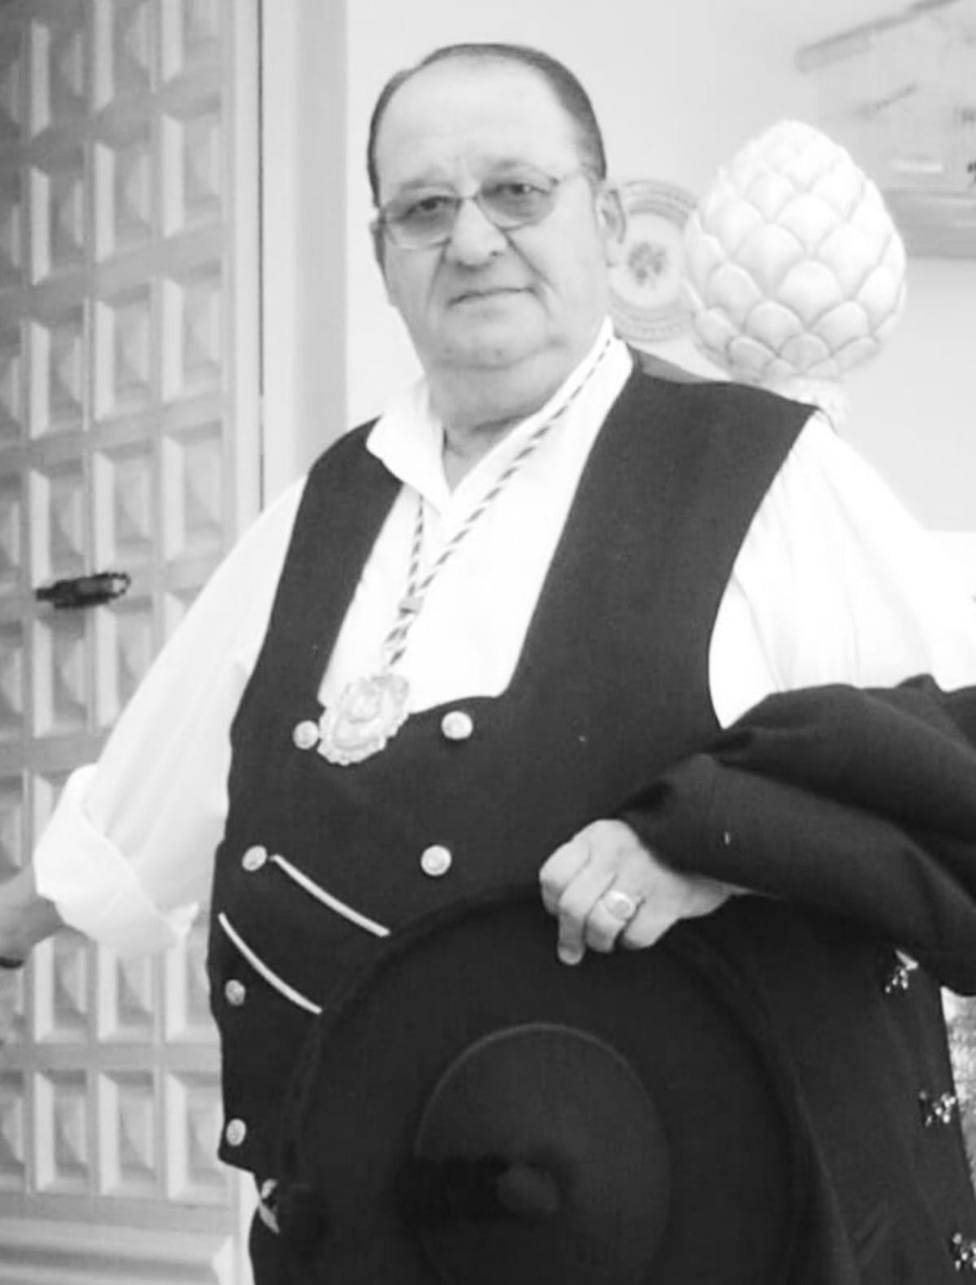 Francisco Muñoz Lorca, Pandorgo de Ciudad Real 1990 fallecido el 26 de marzo